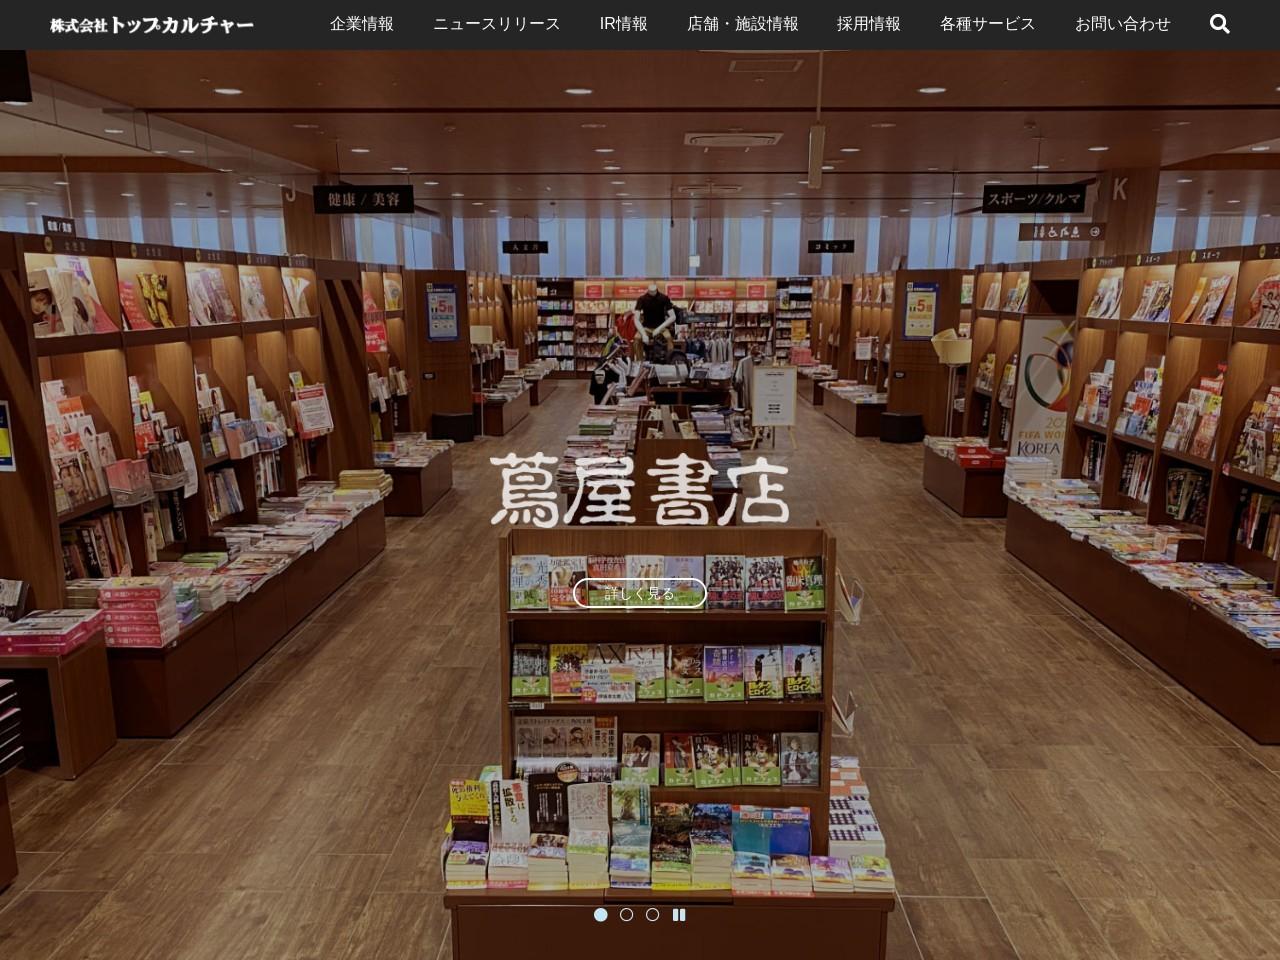 TOP CULTURE|蔦屋書店のウェブサイト 日常的エンターテイメントをご提案